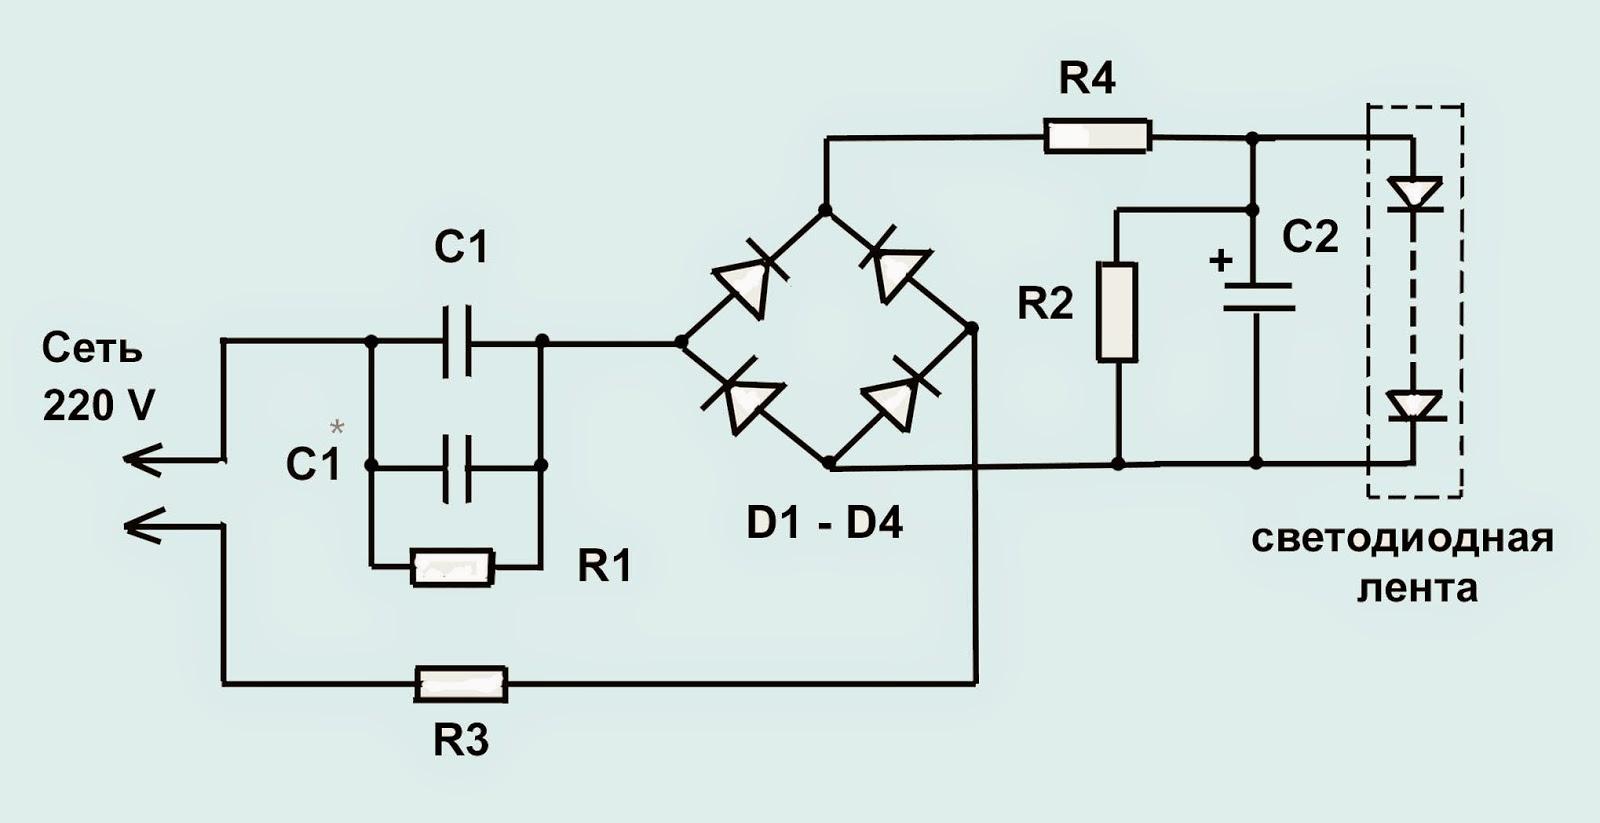 фонарик схема для светодиодов